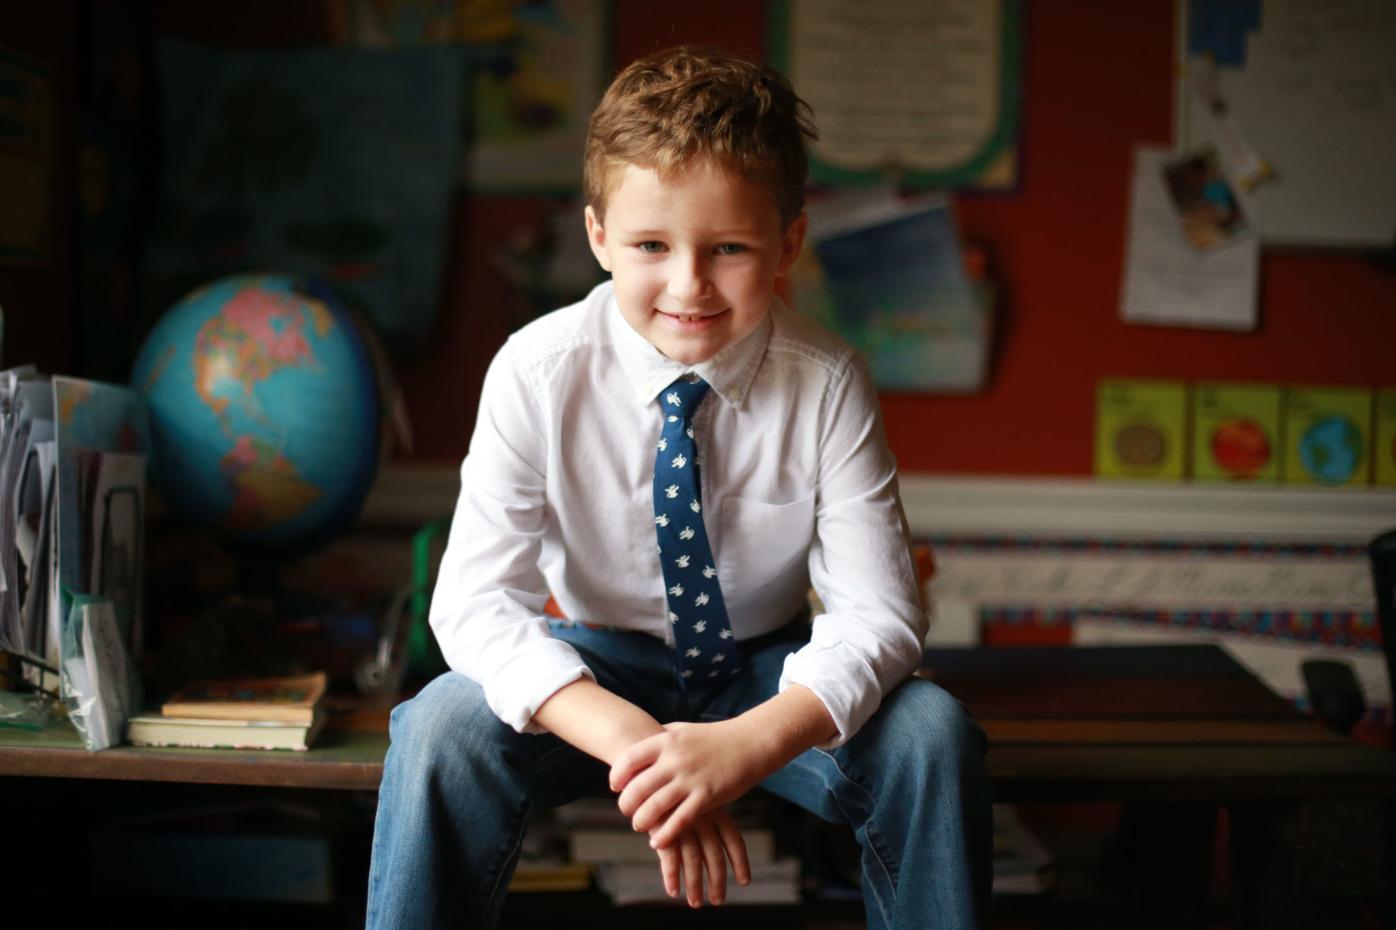 Menino de 9 anos memoriza a Bíblia e sonha ser pregador: 'Quero tornar Deus conhecido'